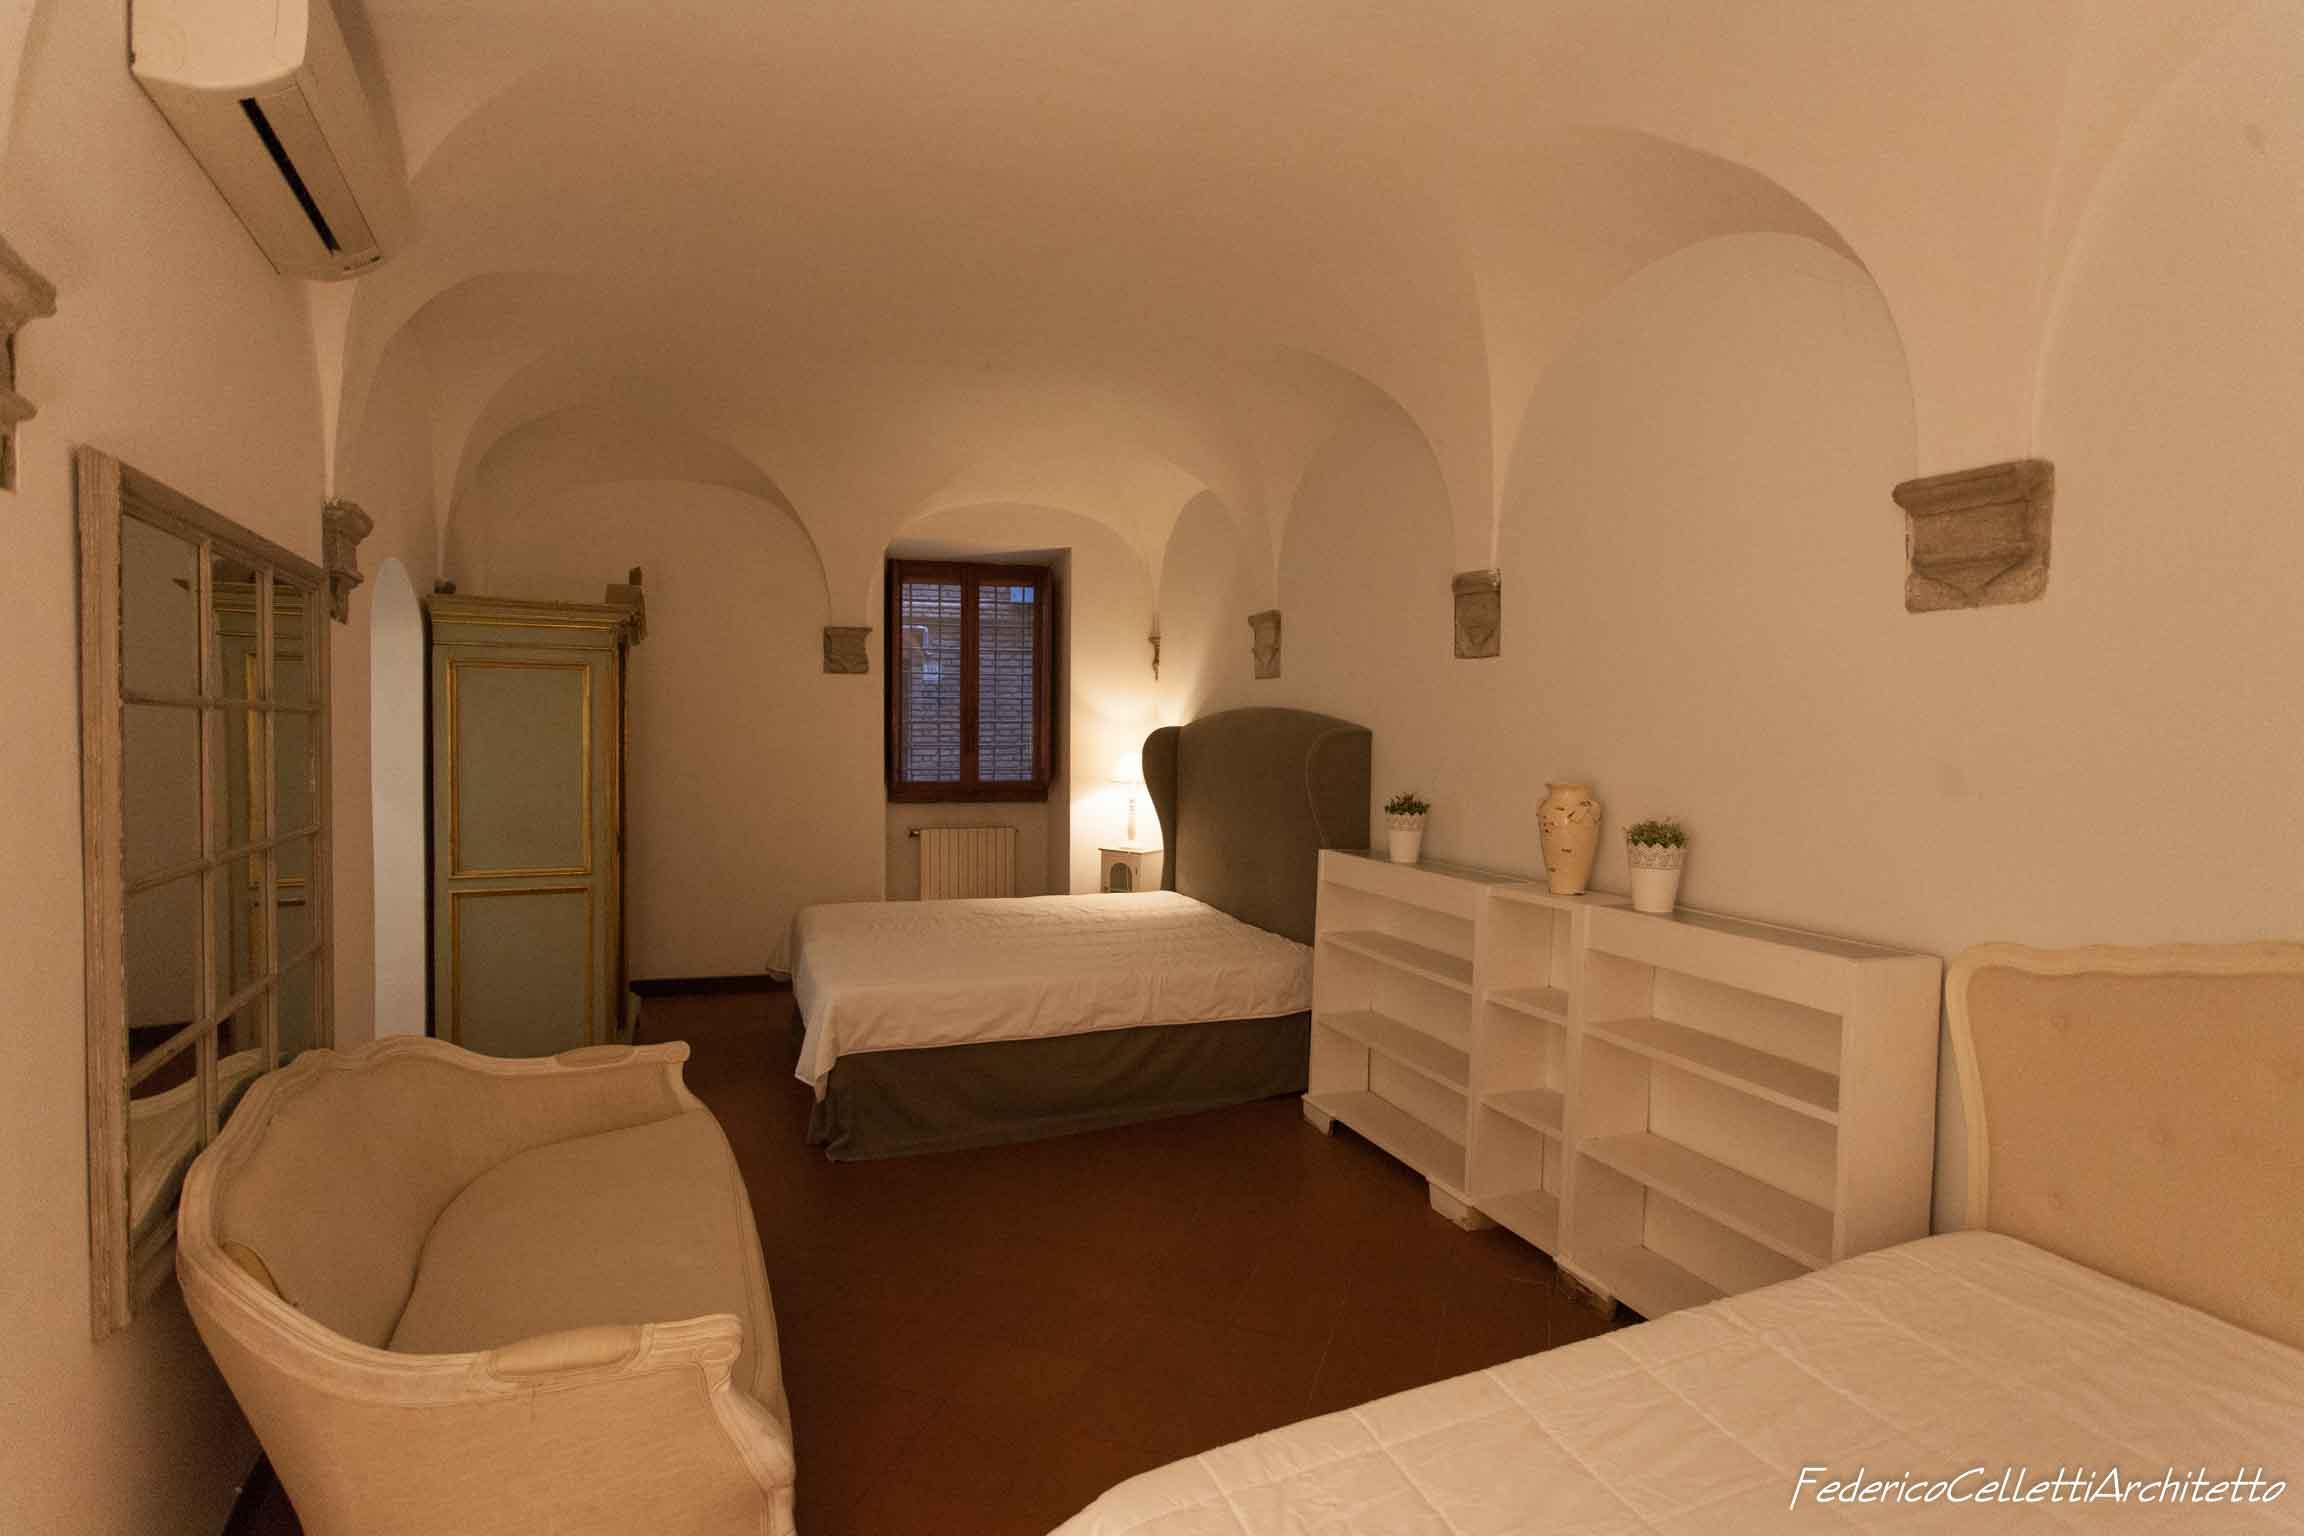 Soffitto a Volte Camera da letto Montegiordano 13 Prima dei lavori di Restauro e Interior Design